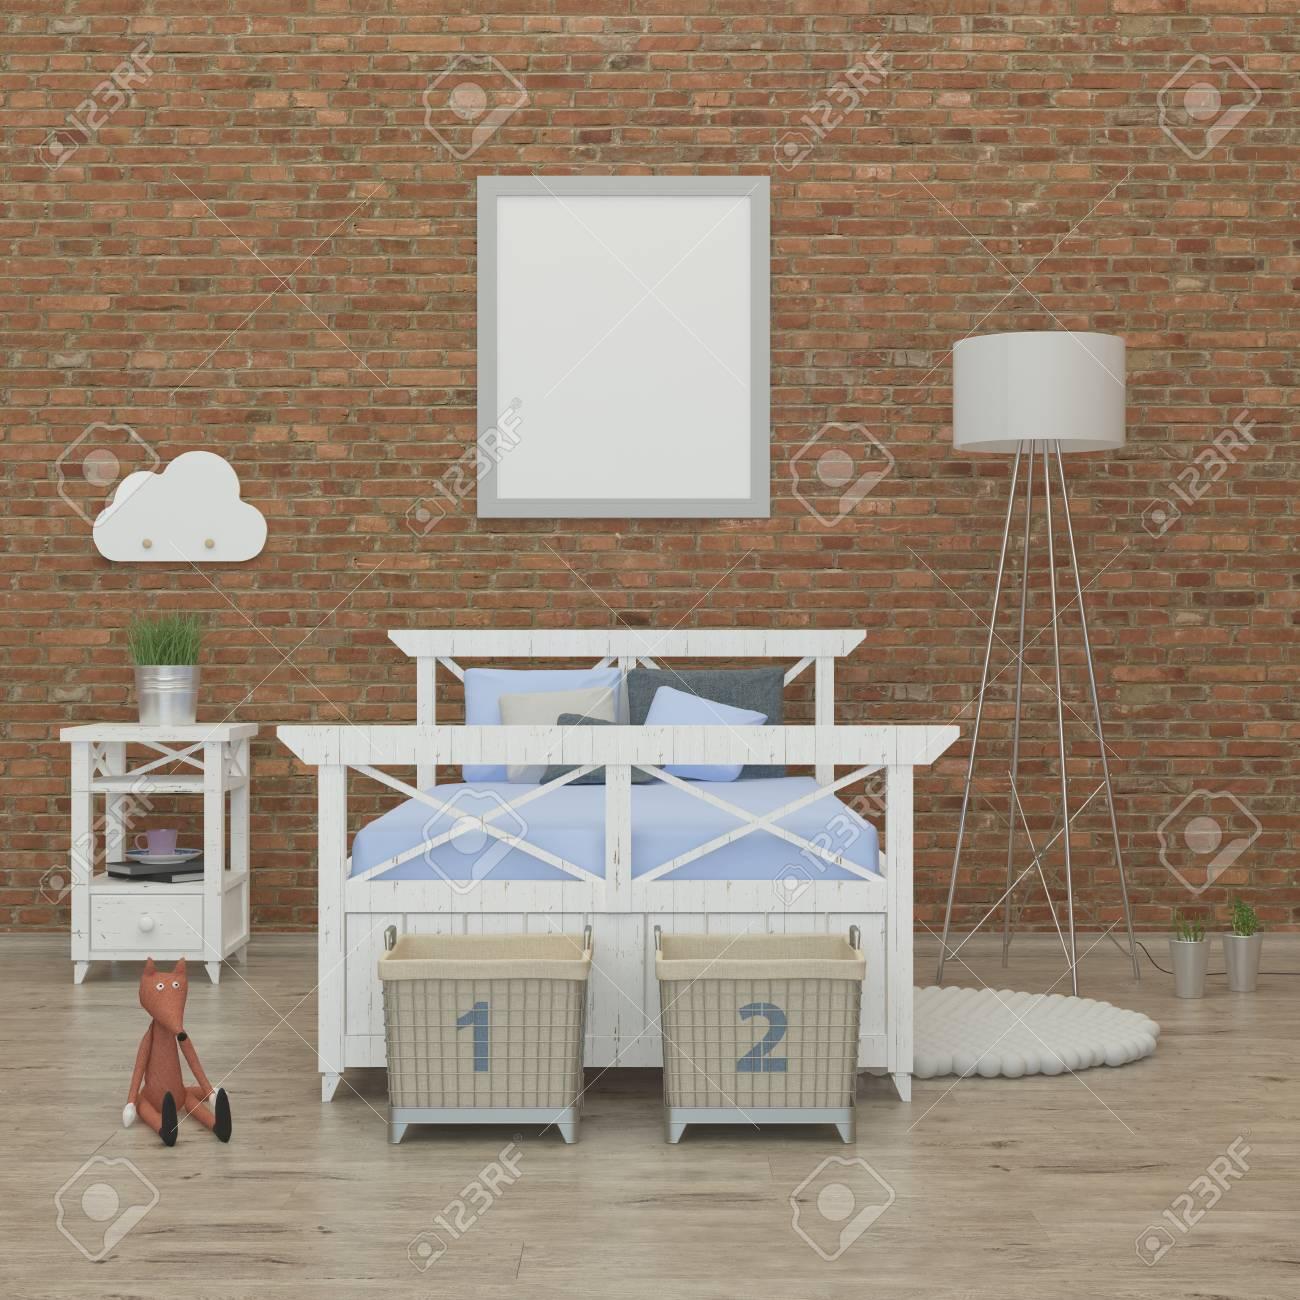 Imagen Representacin 3d Interior Nios Dormitorio Con Pared De